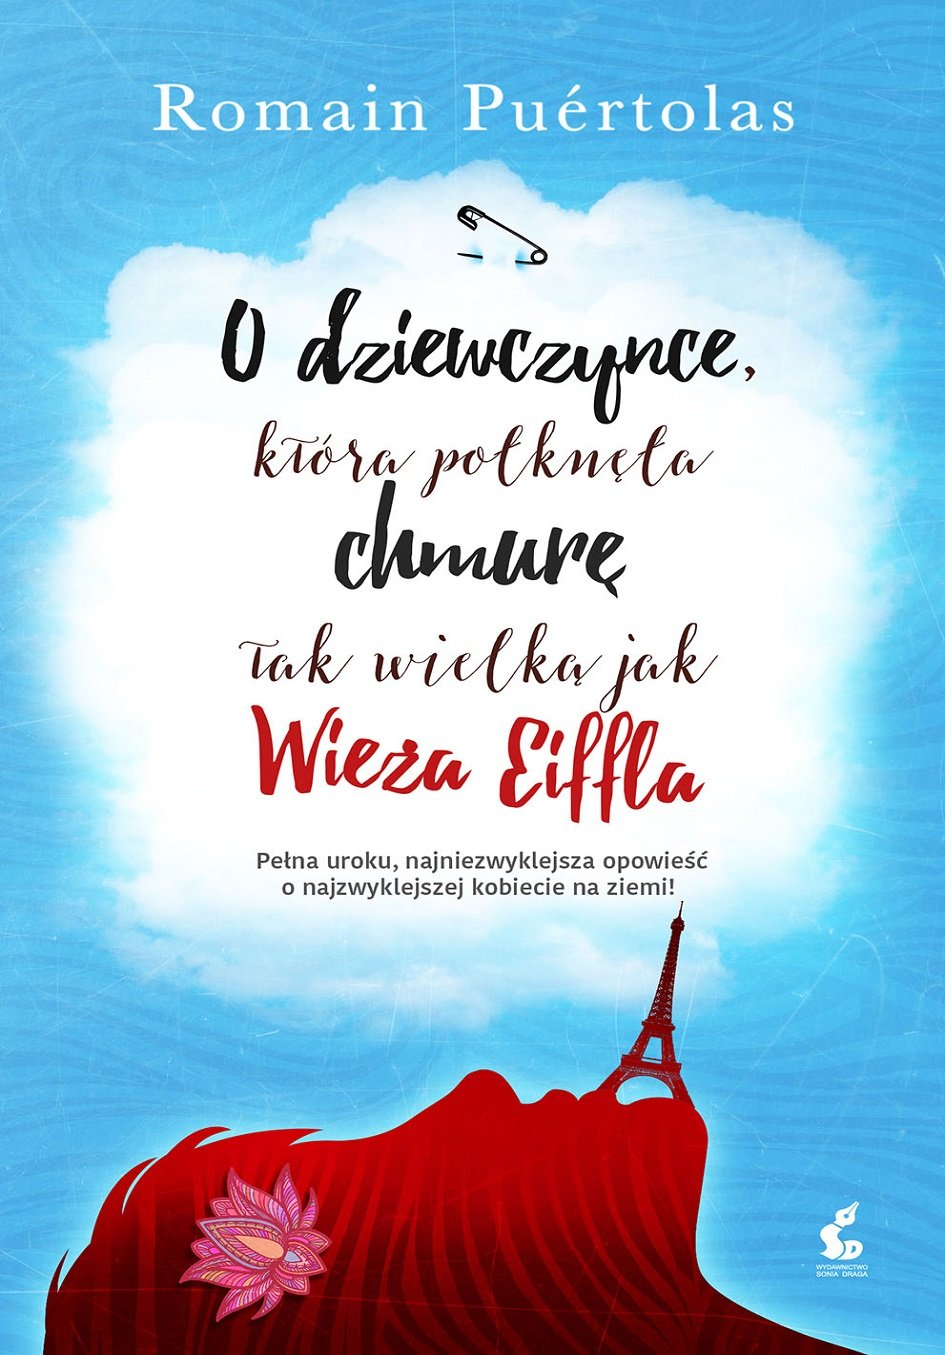 O dziewczynce, która połknęła chmurę tak wielką jak Wieża Eiffla - Ebook (Książka EPUB) do pobrania w formacie EPUB